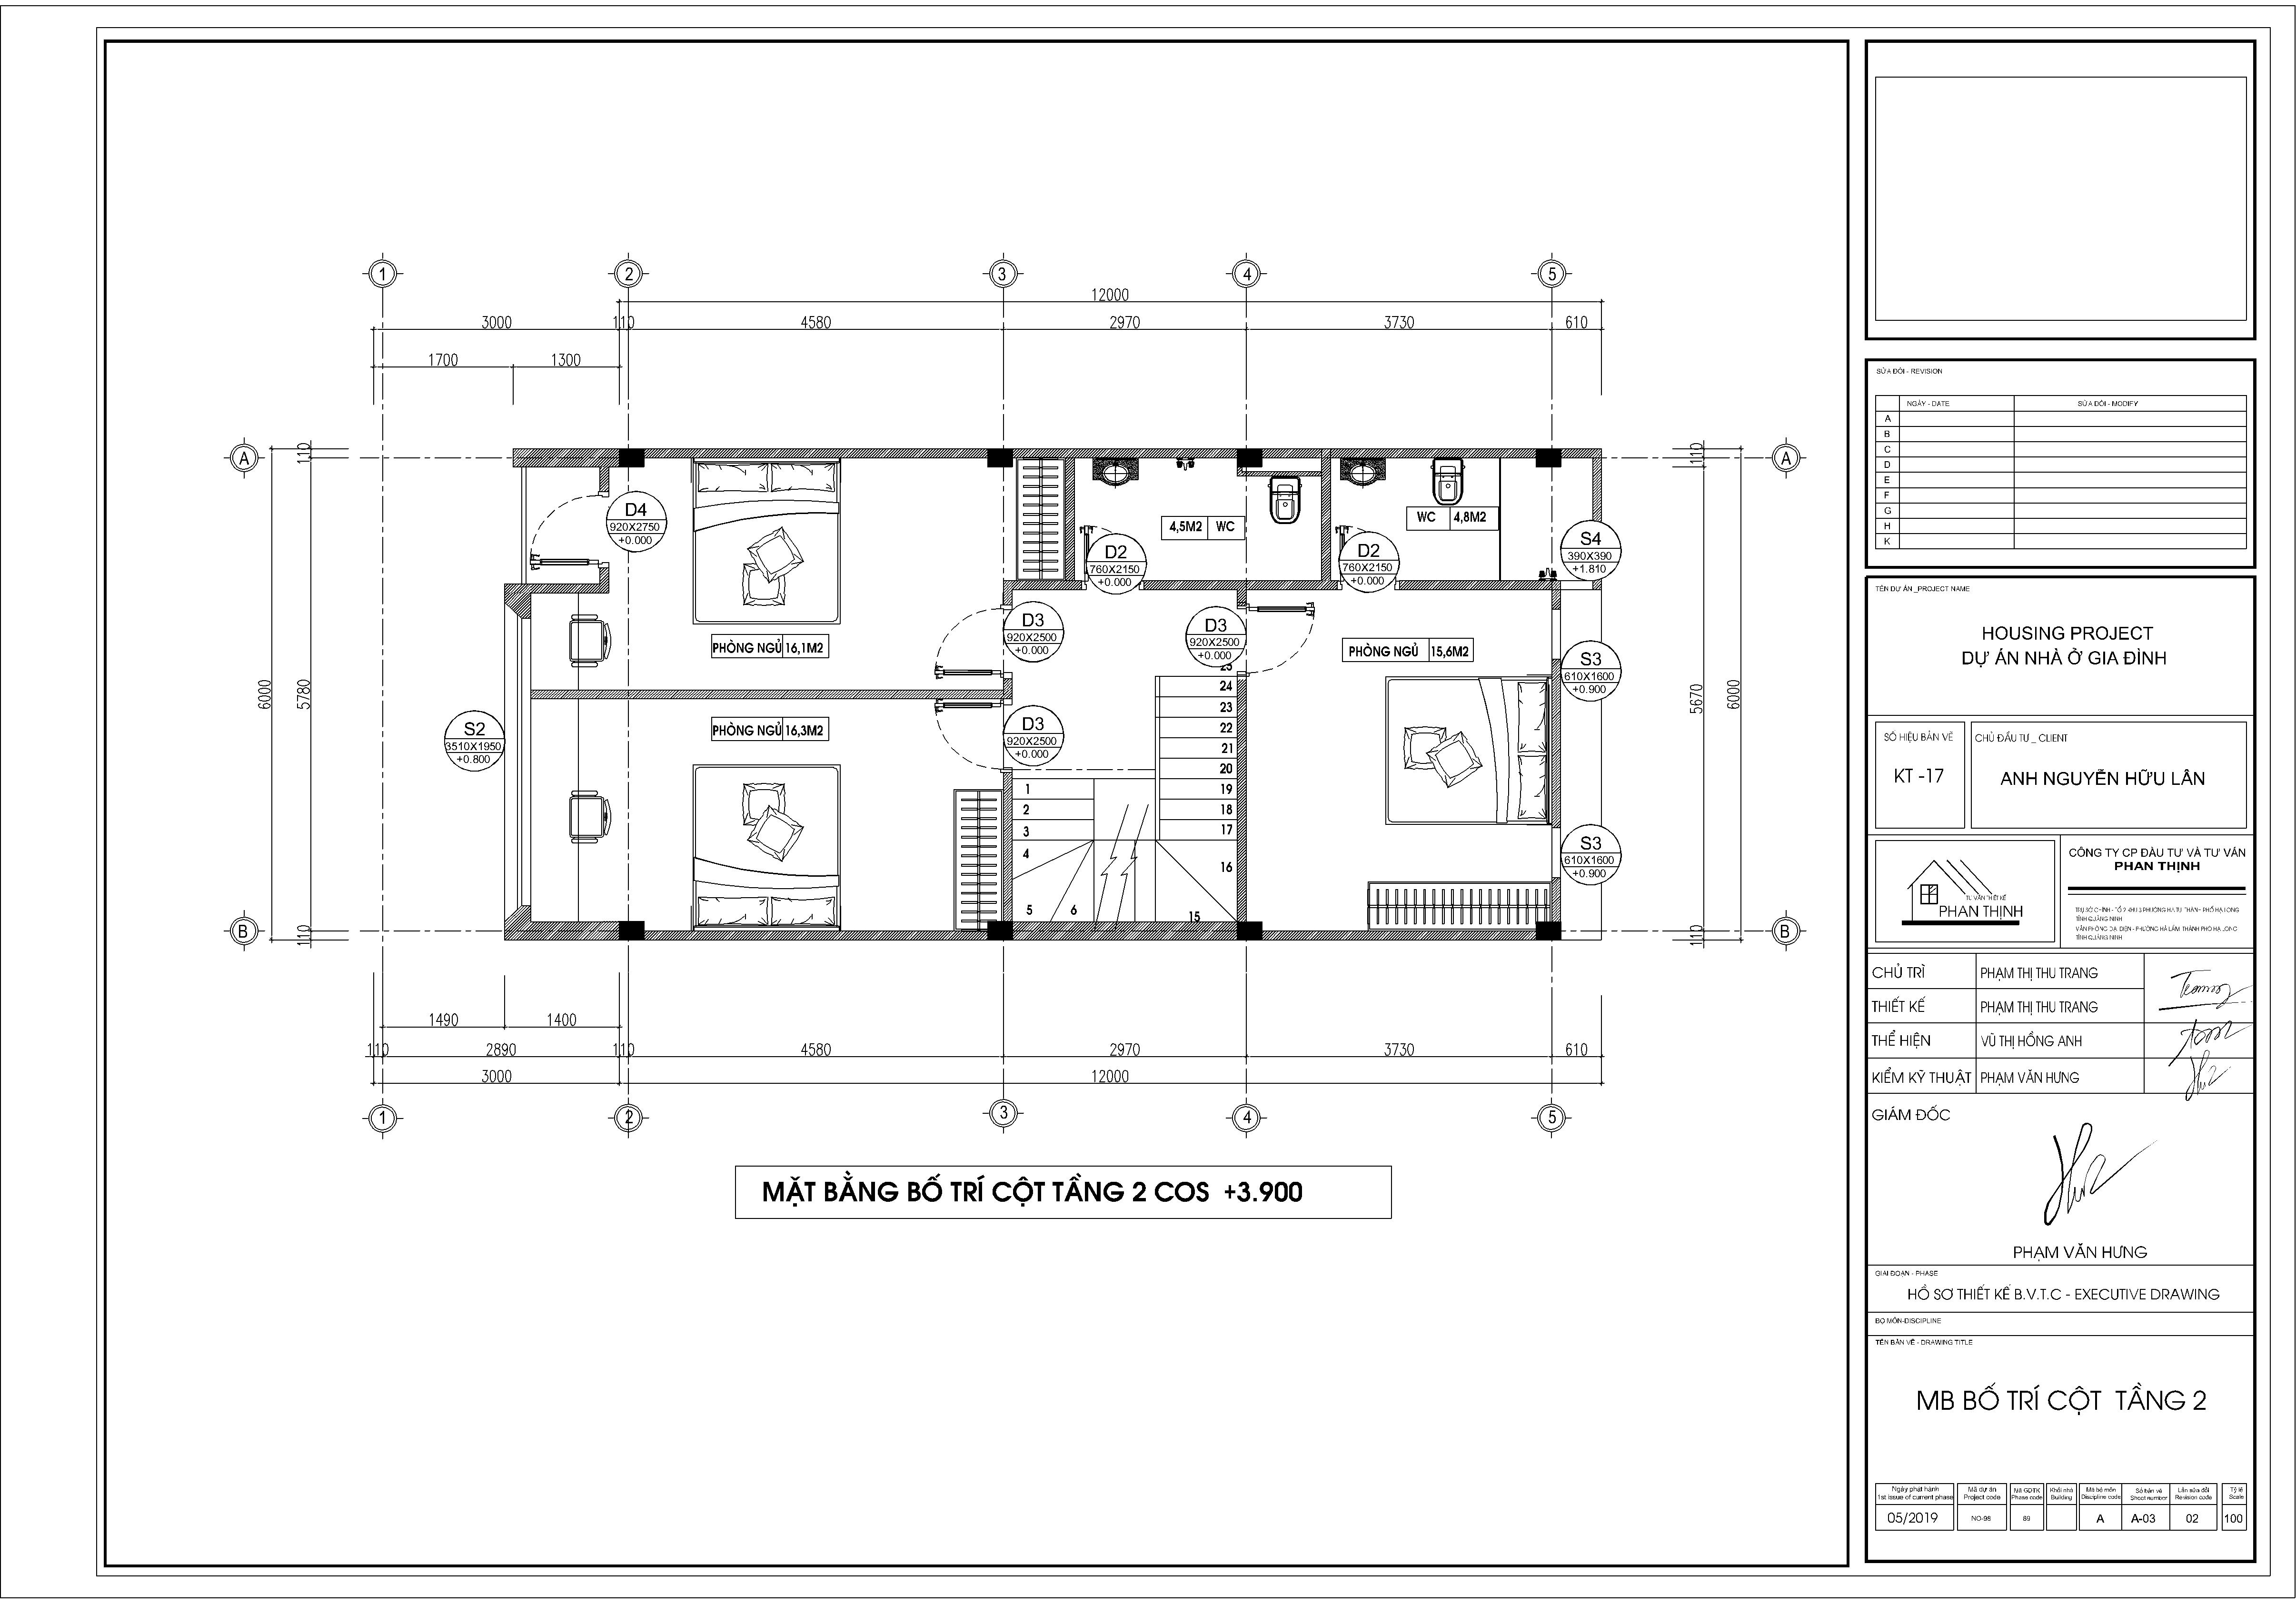 Mặt bằng thiết kế bố trí cửa tầng 2